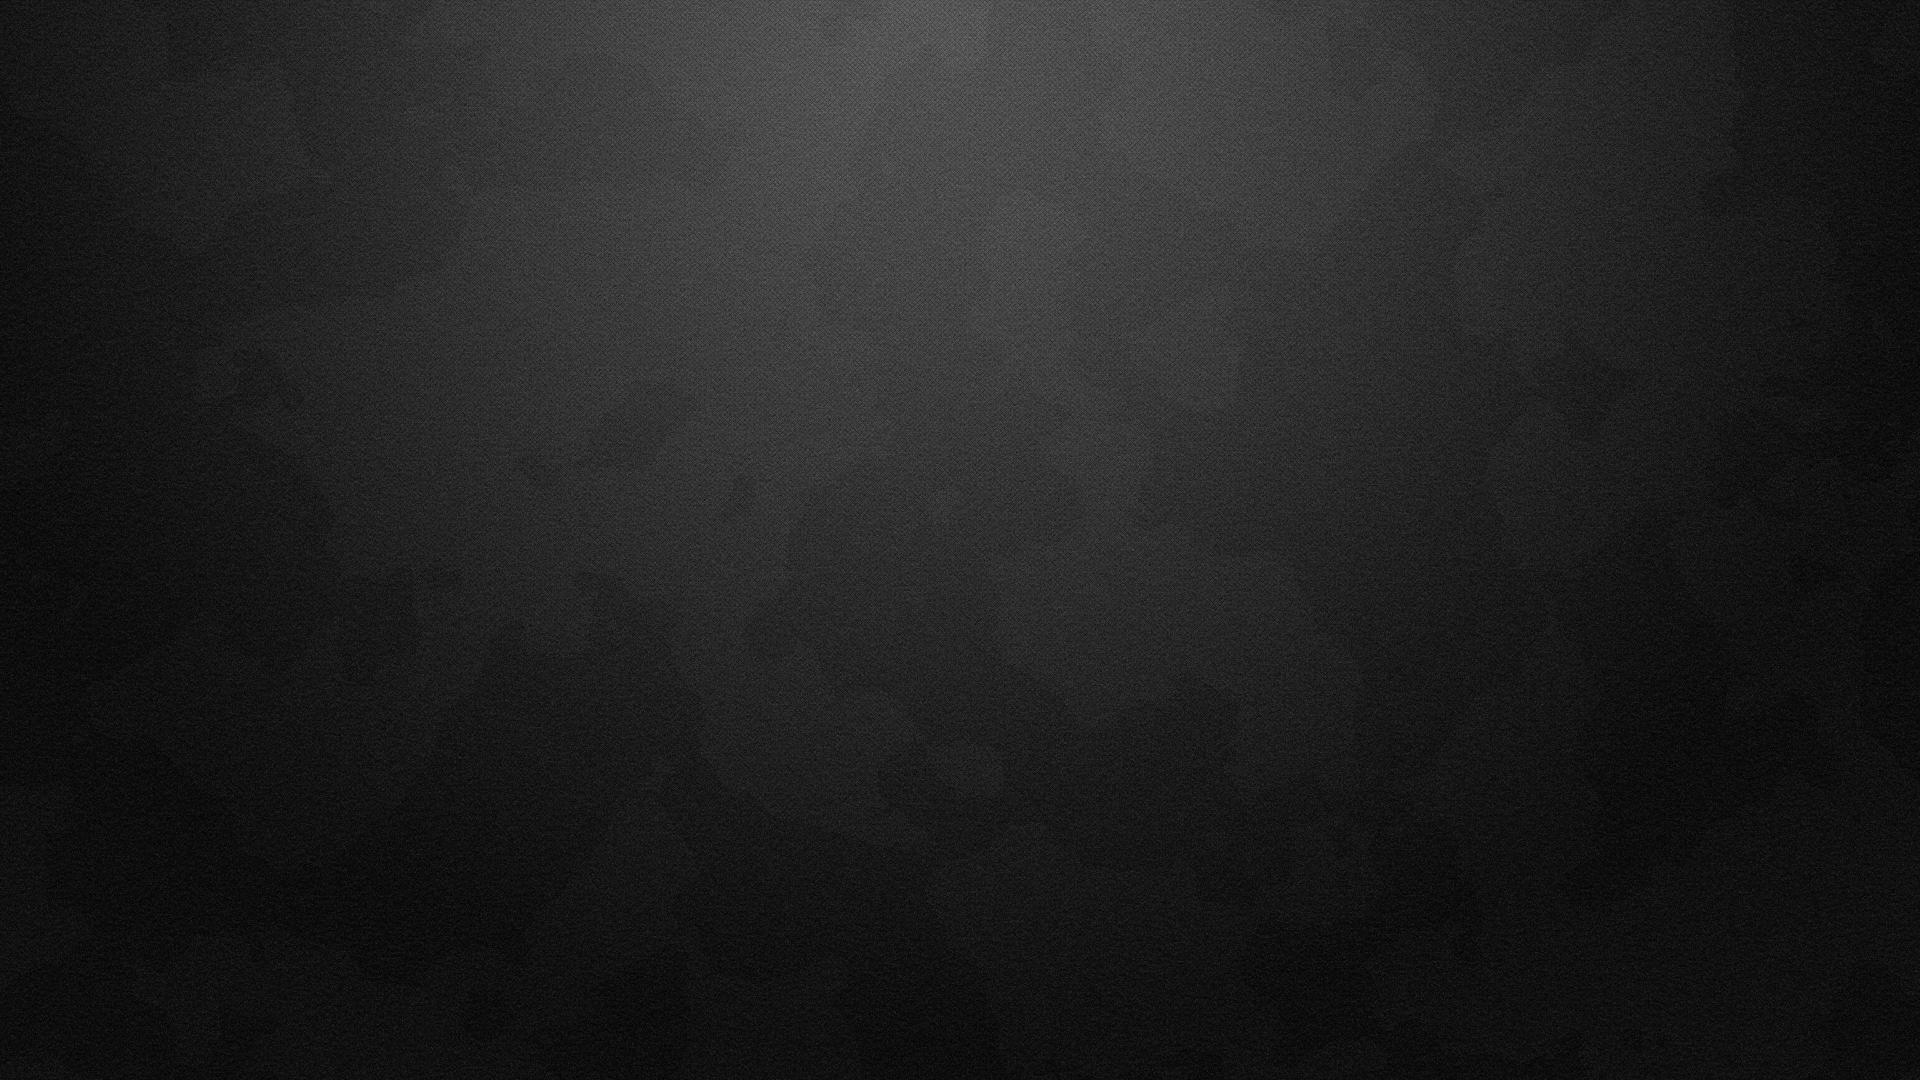 Black Chalkboard 624954